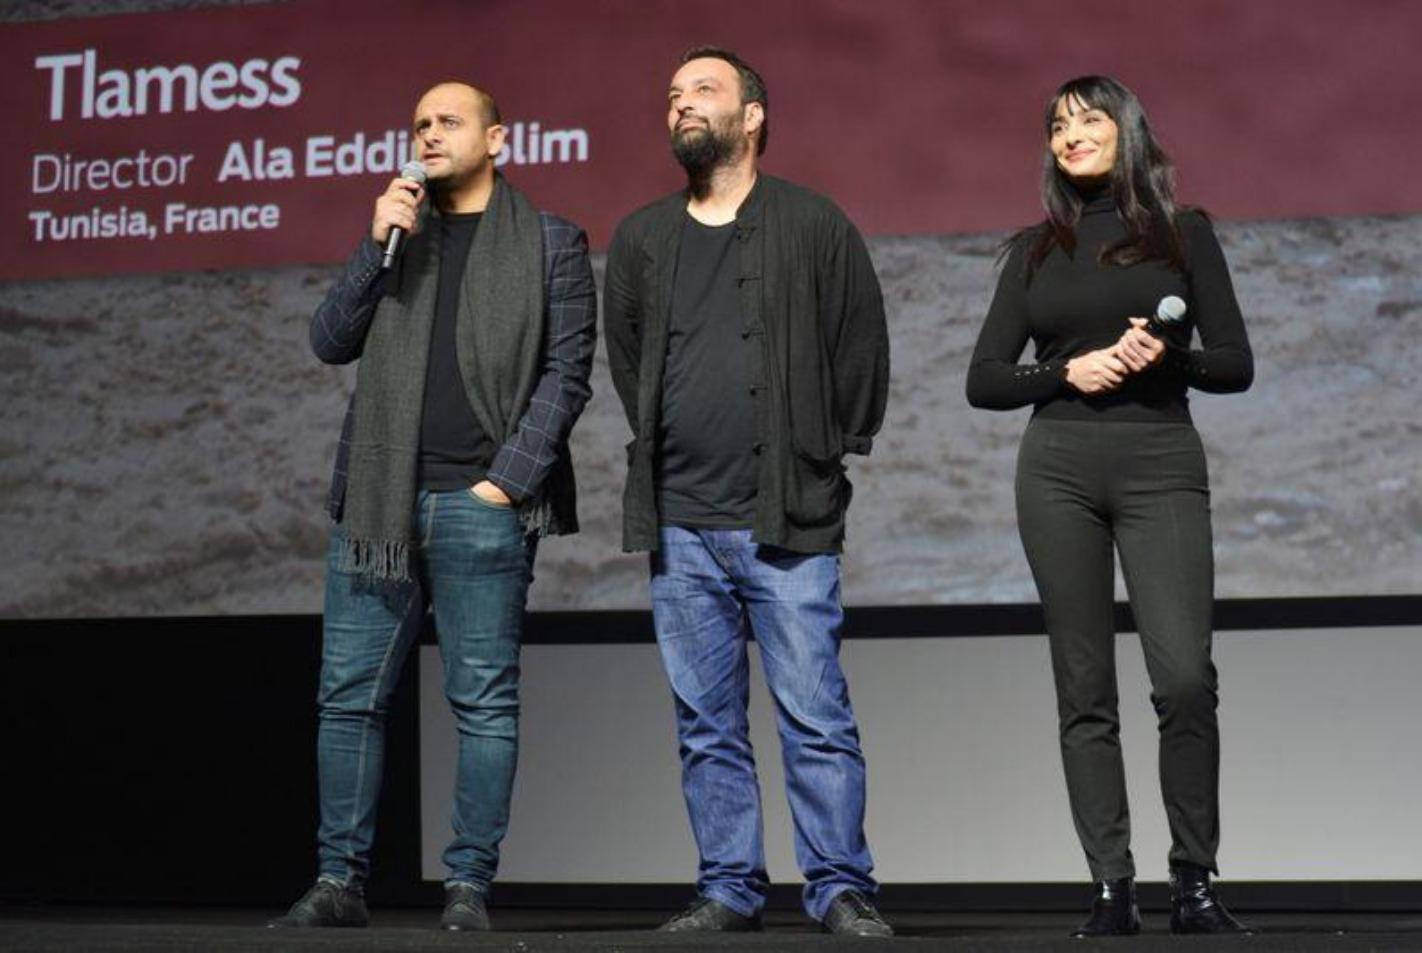 """الفيلم التونسي """"طلامس"""" .. قصة الخلق في أجواء رمزية جامحة الخيال"""